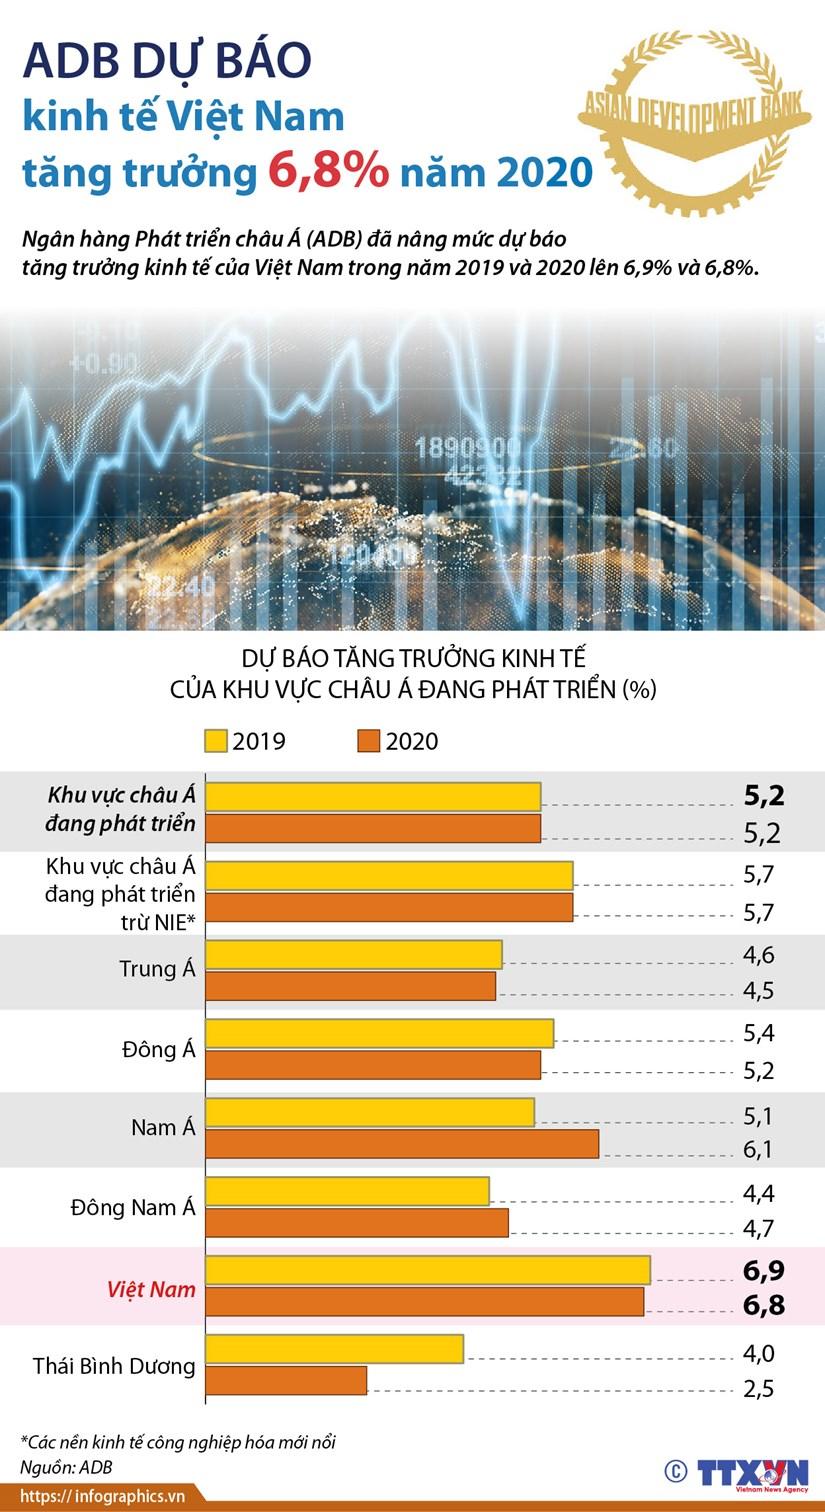 [Infographics] ADB du bao kinh te Viet Nam tang truong 6,8% nam 2020 hinh anh 1